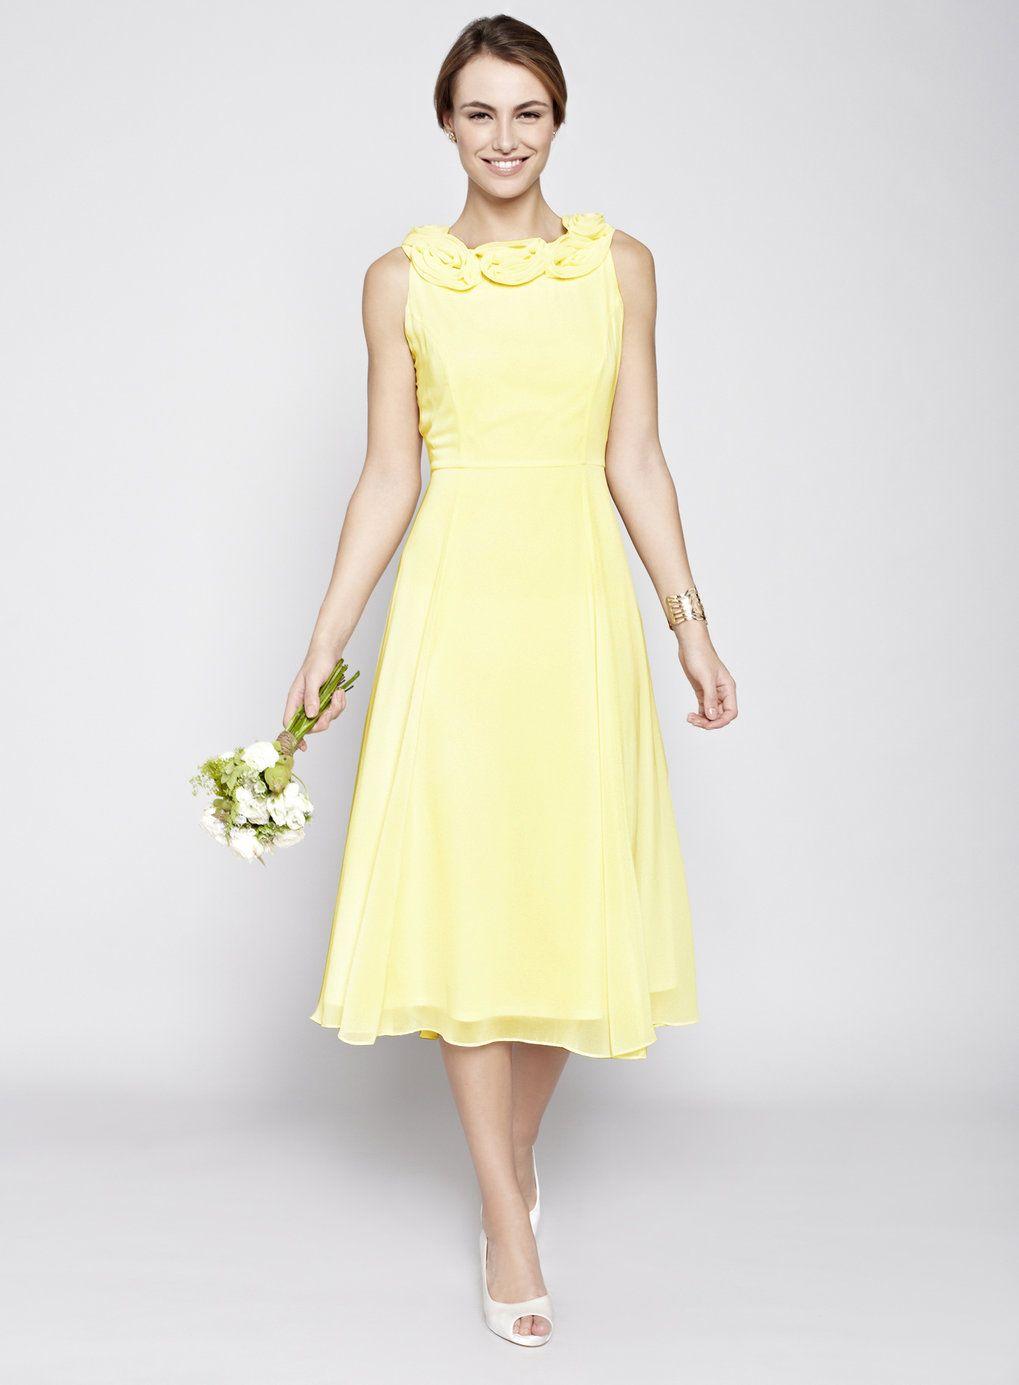 Ungewöhnlich Gelbe Spitze Brautjunferkleider Fotos - Brautkleider ...